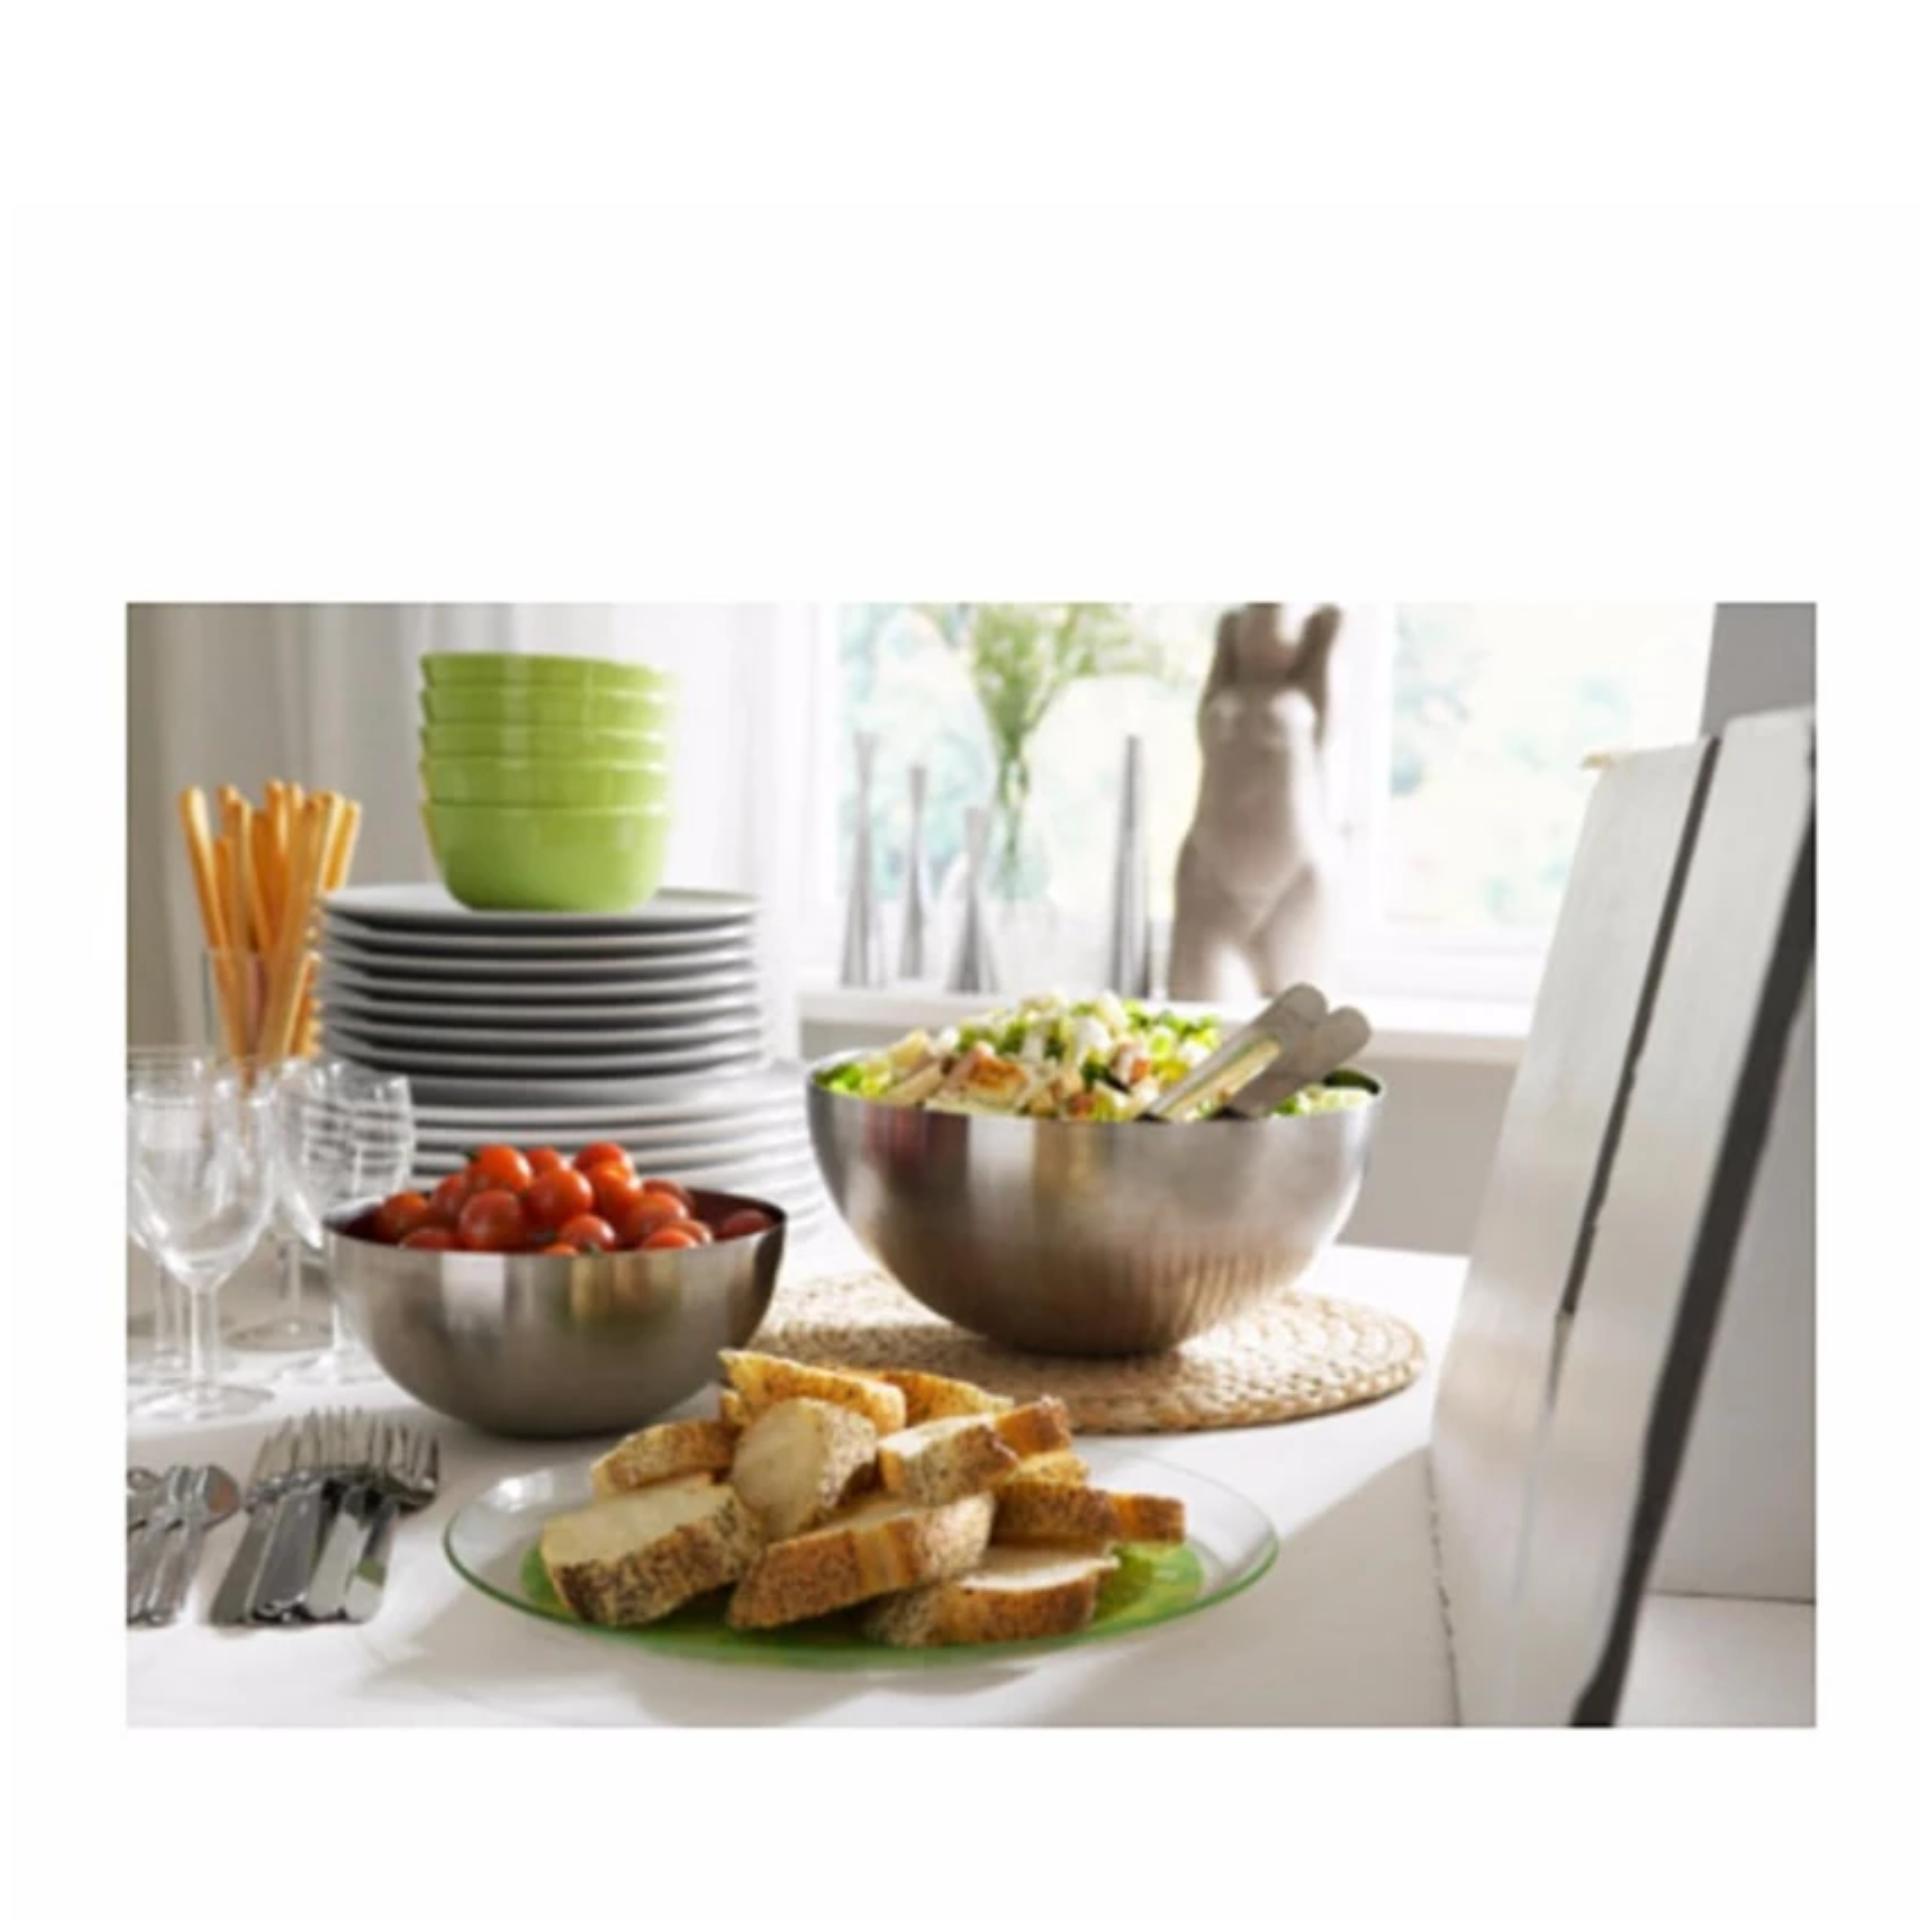 Tô inox trộn salad ikea cỡ lớn (28cm)